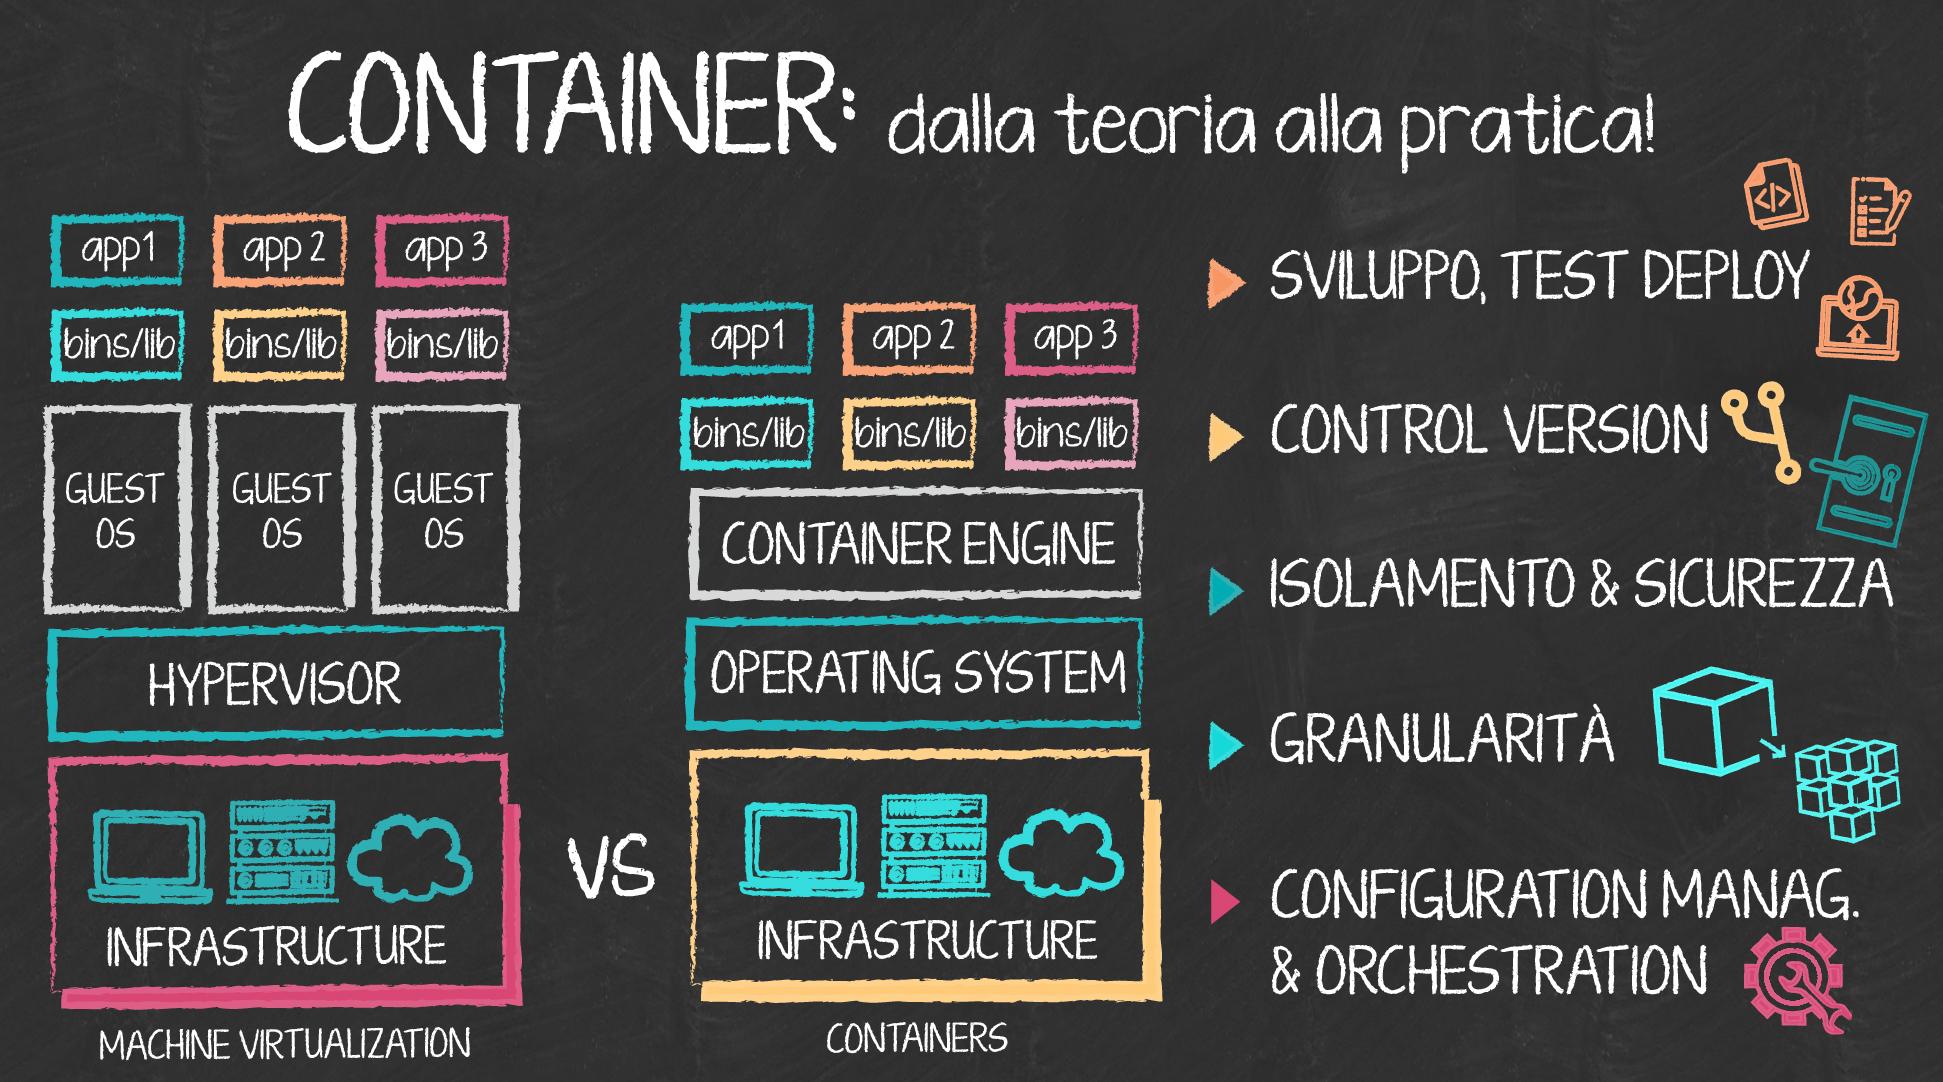 Container e virtualizzazione: dalla teoria alla pratica